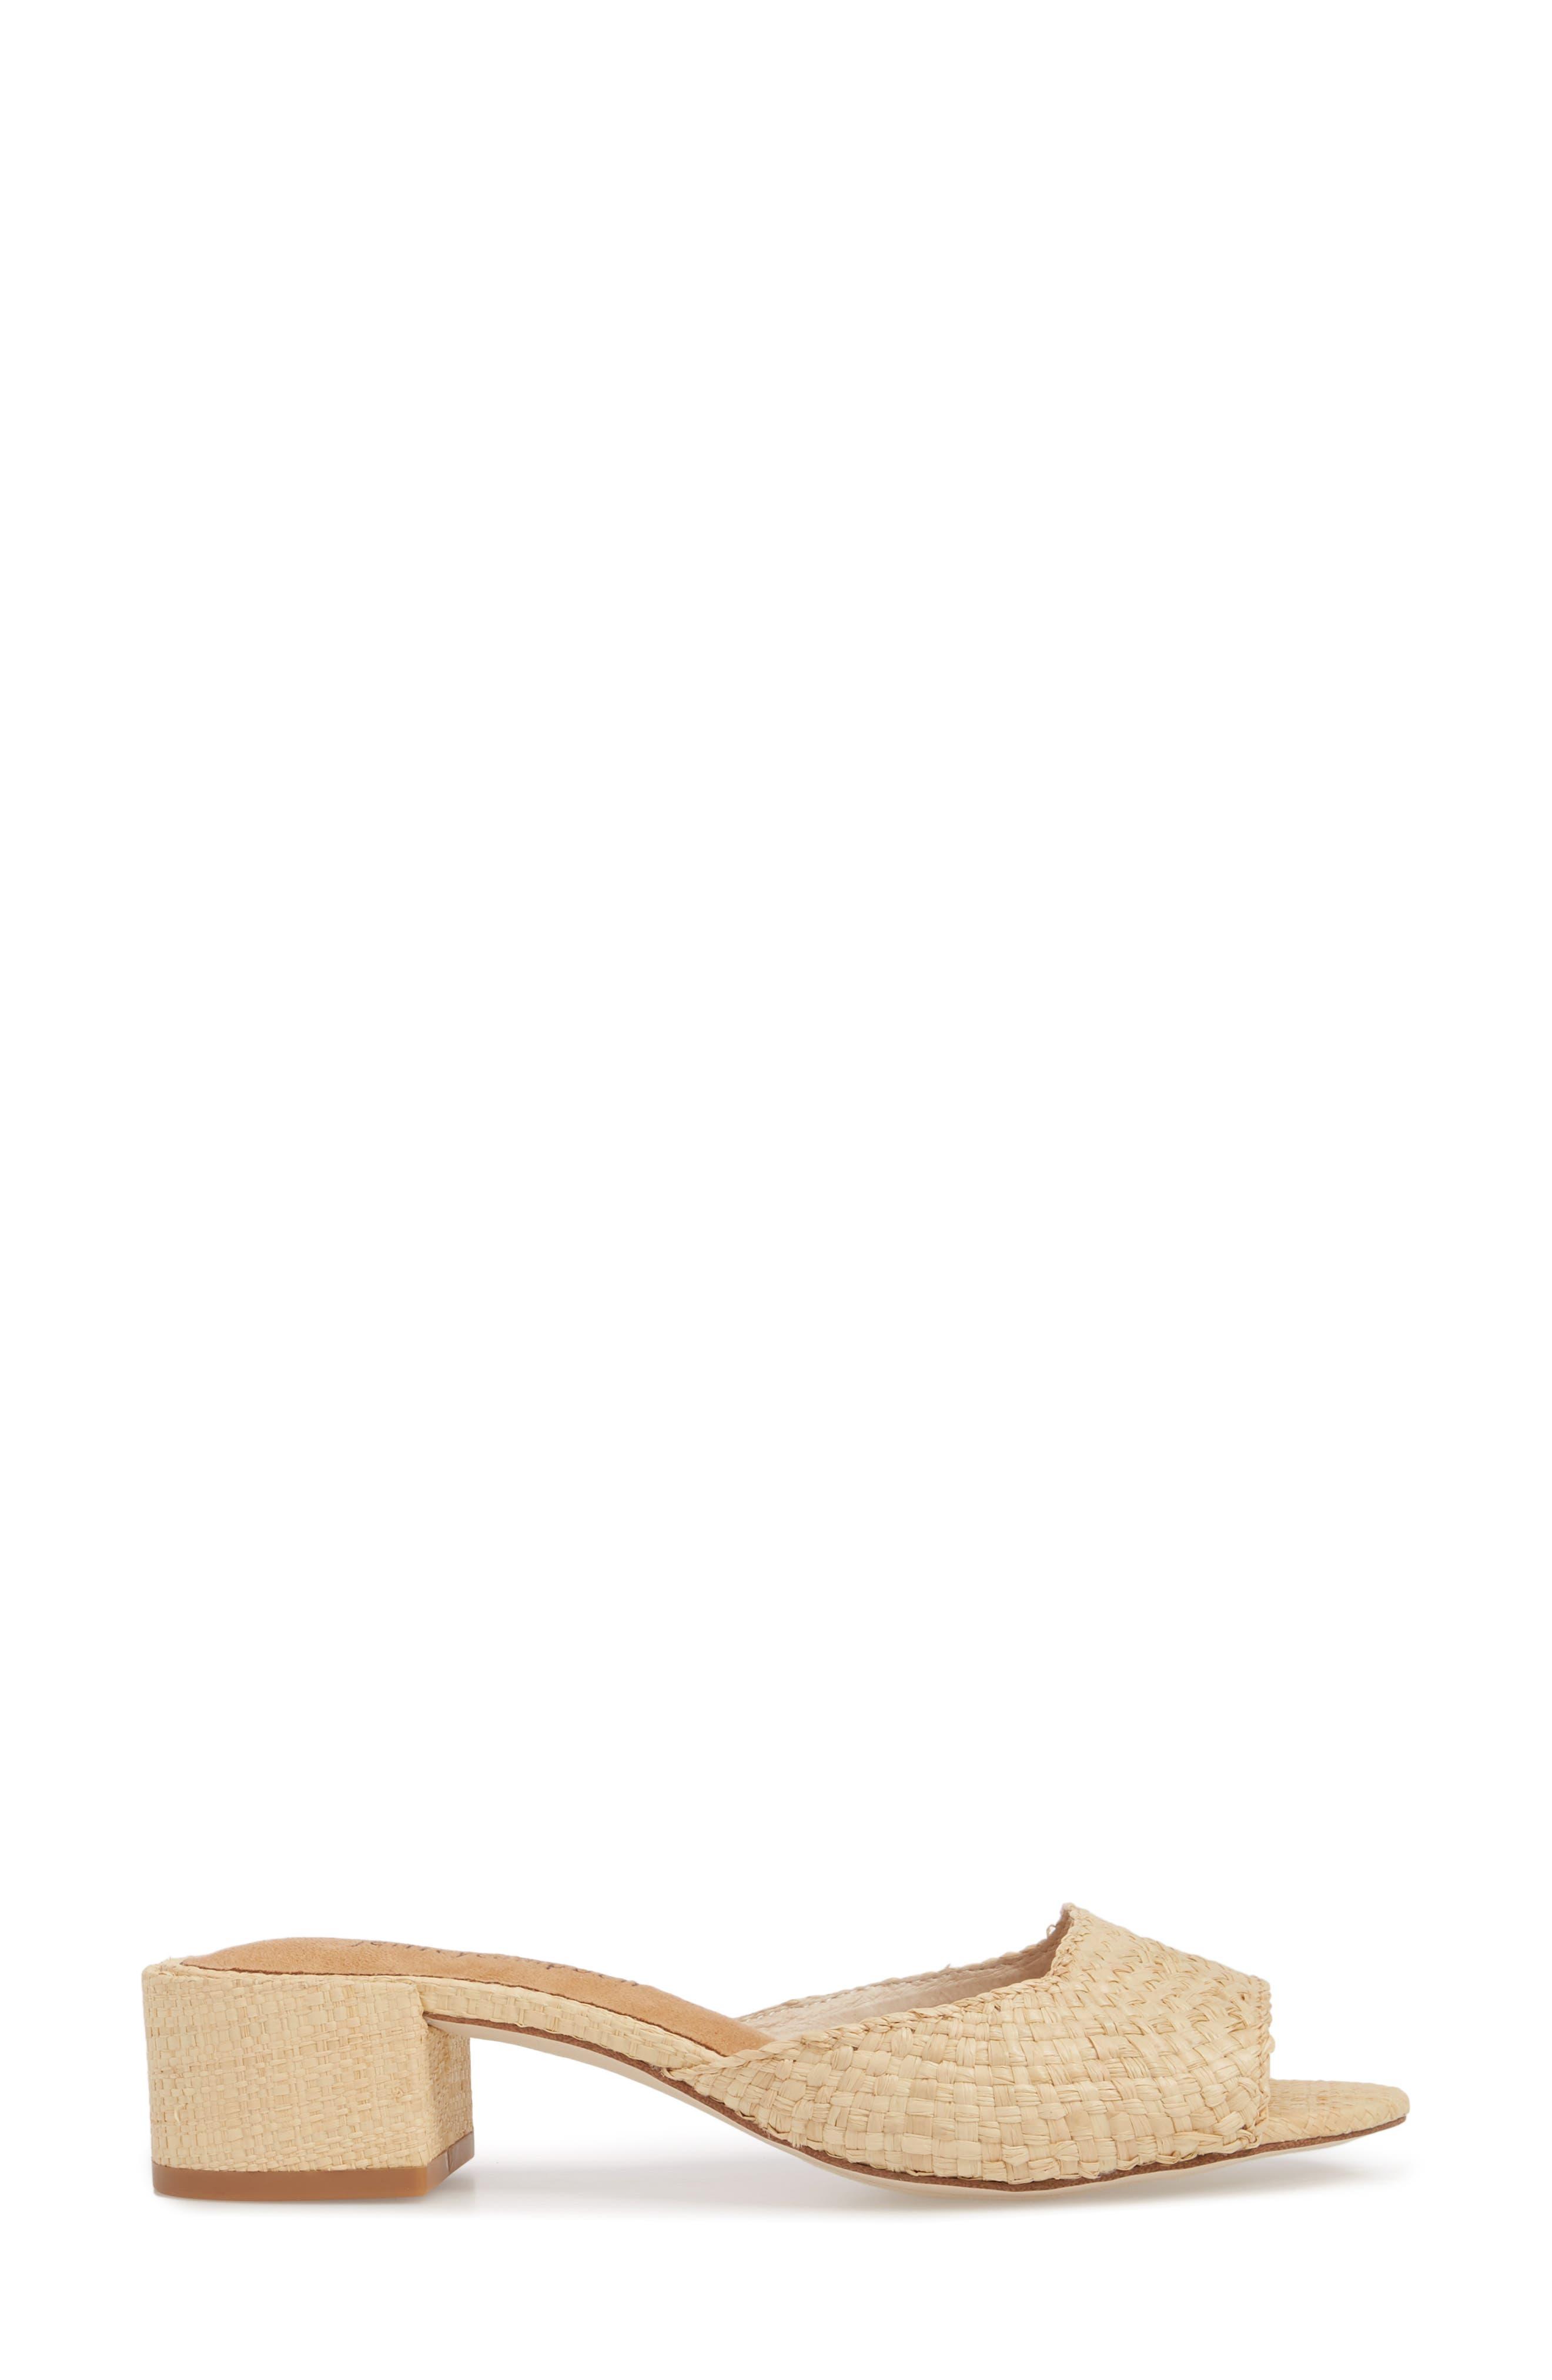 Mélange Slide Sandal,                             Alternate thumbnail 3, color,                             Natural